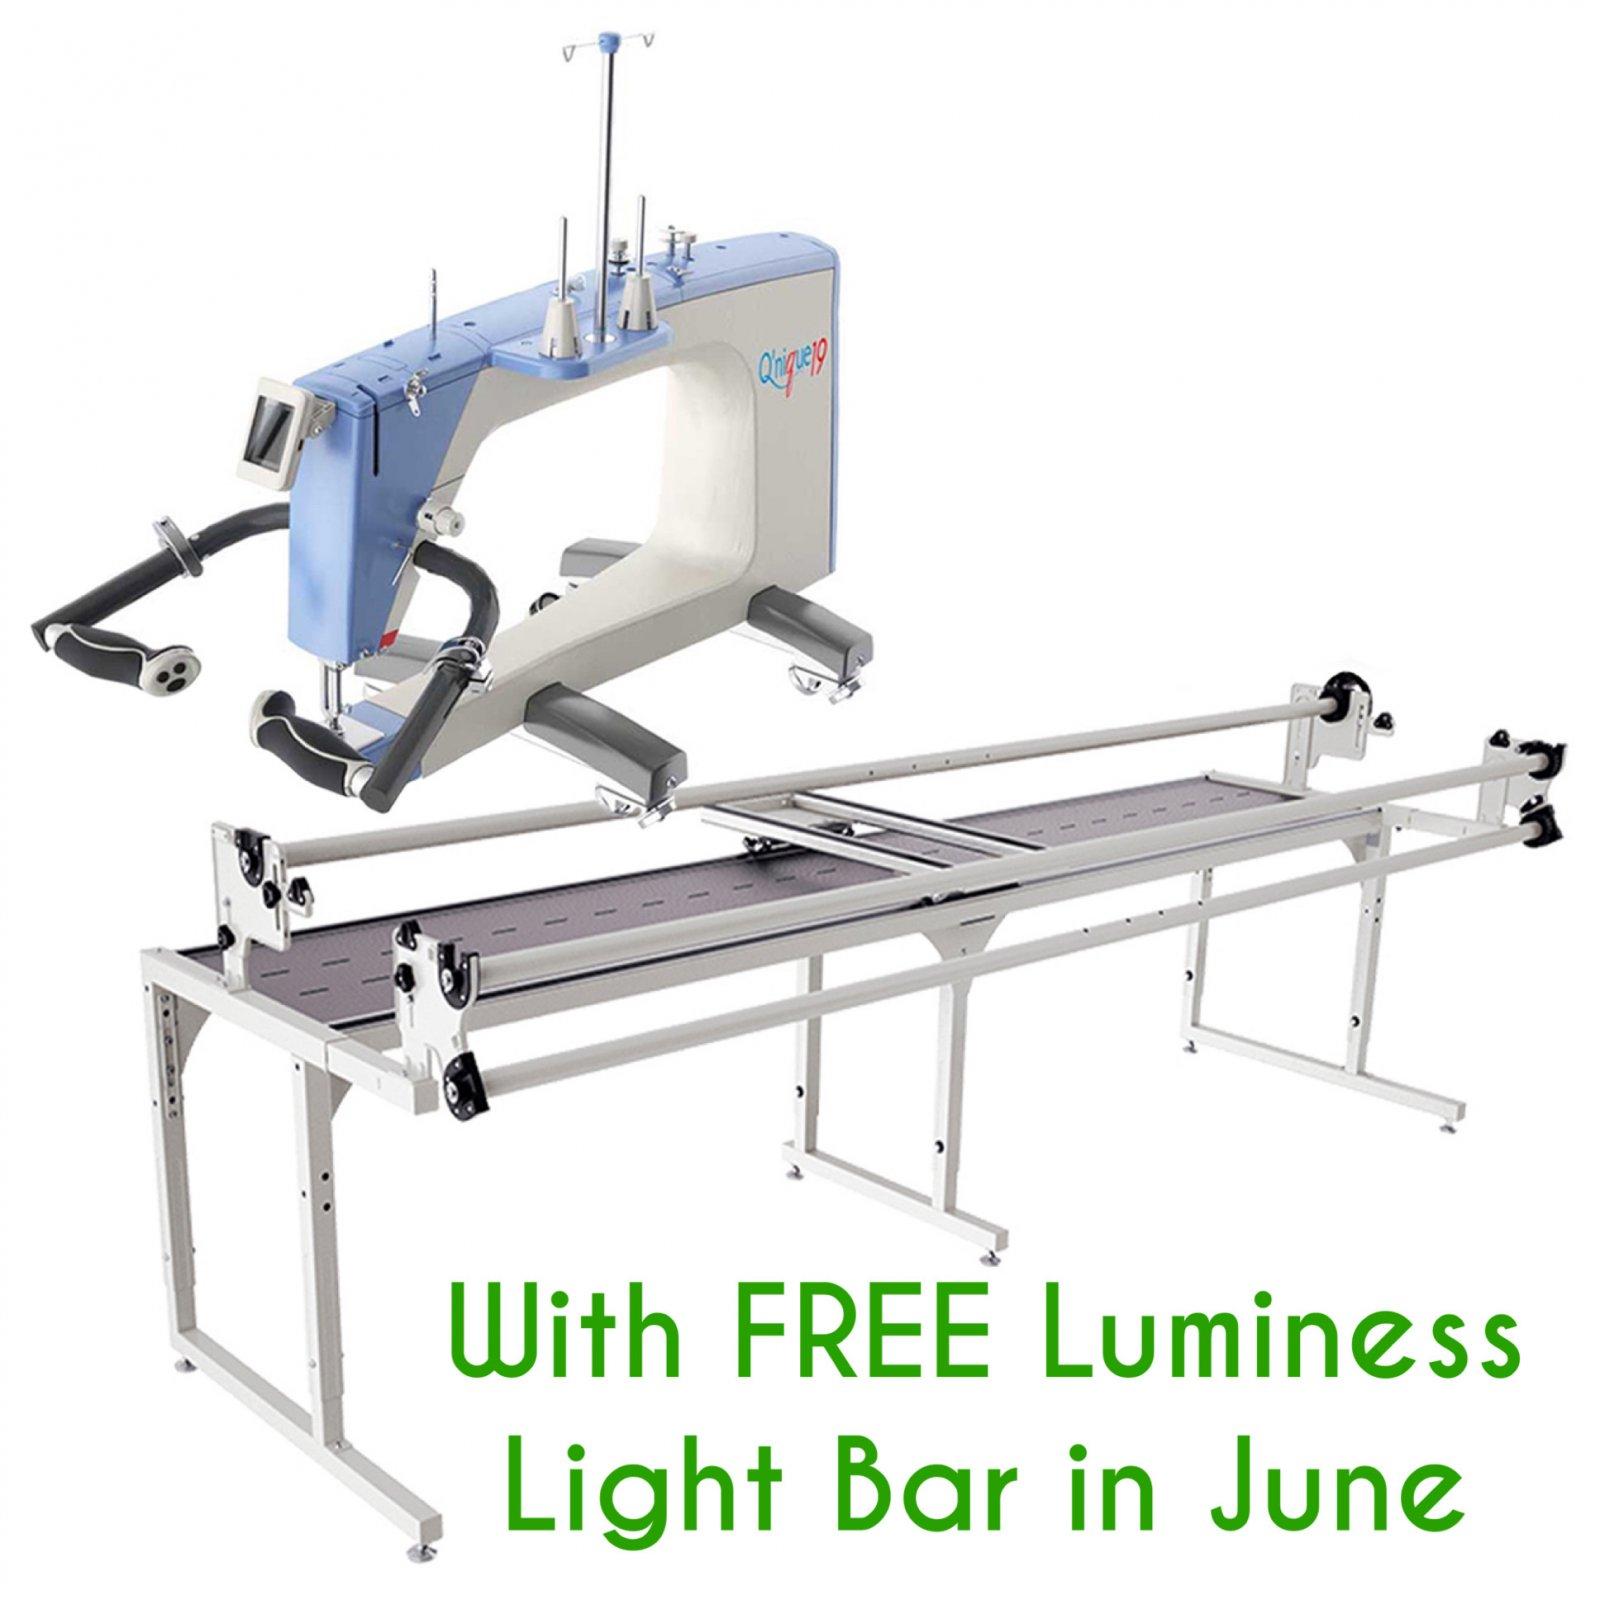 June Deal Q'nique 19 + Continuum Frame + FREE Light Bar